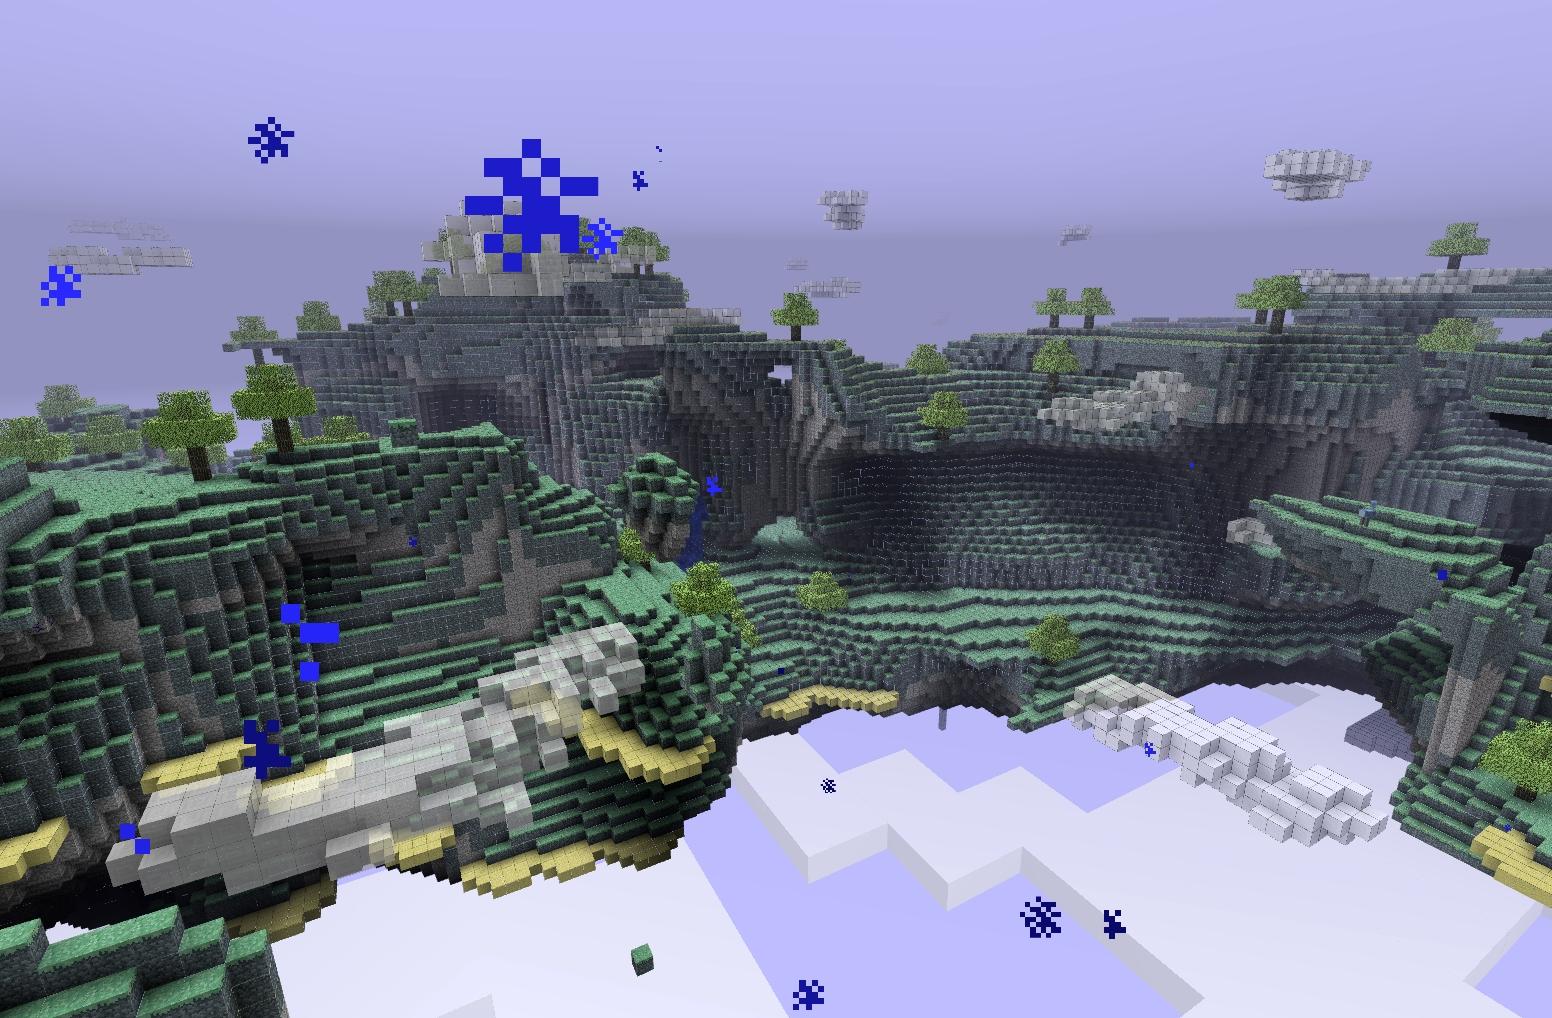 Die Besten MinecraftMods Minecraft Mods S Einleitung Aether - Minecraft beste spiele